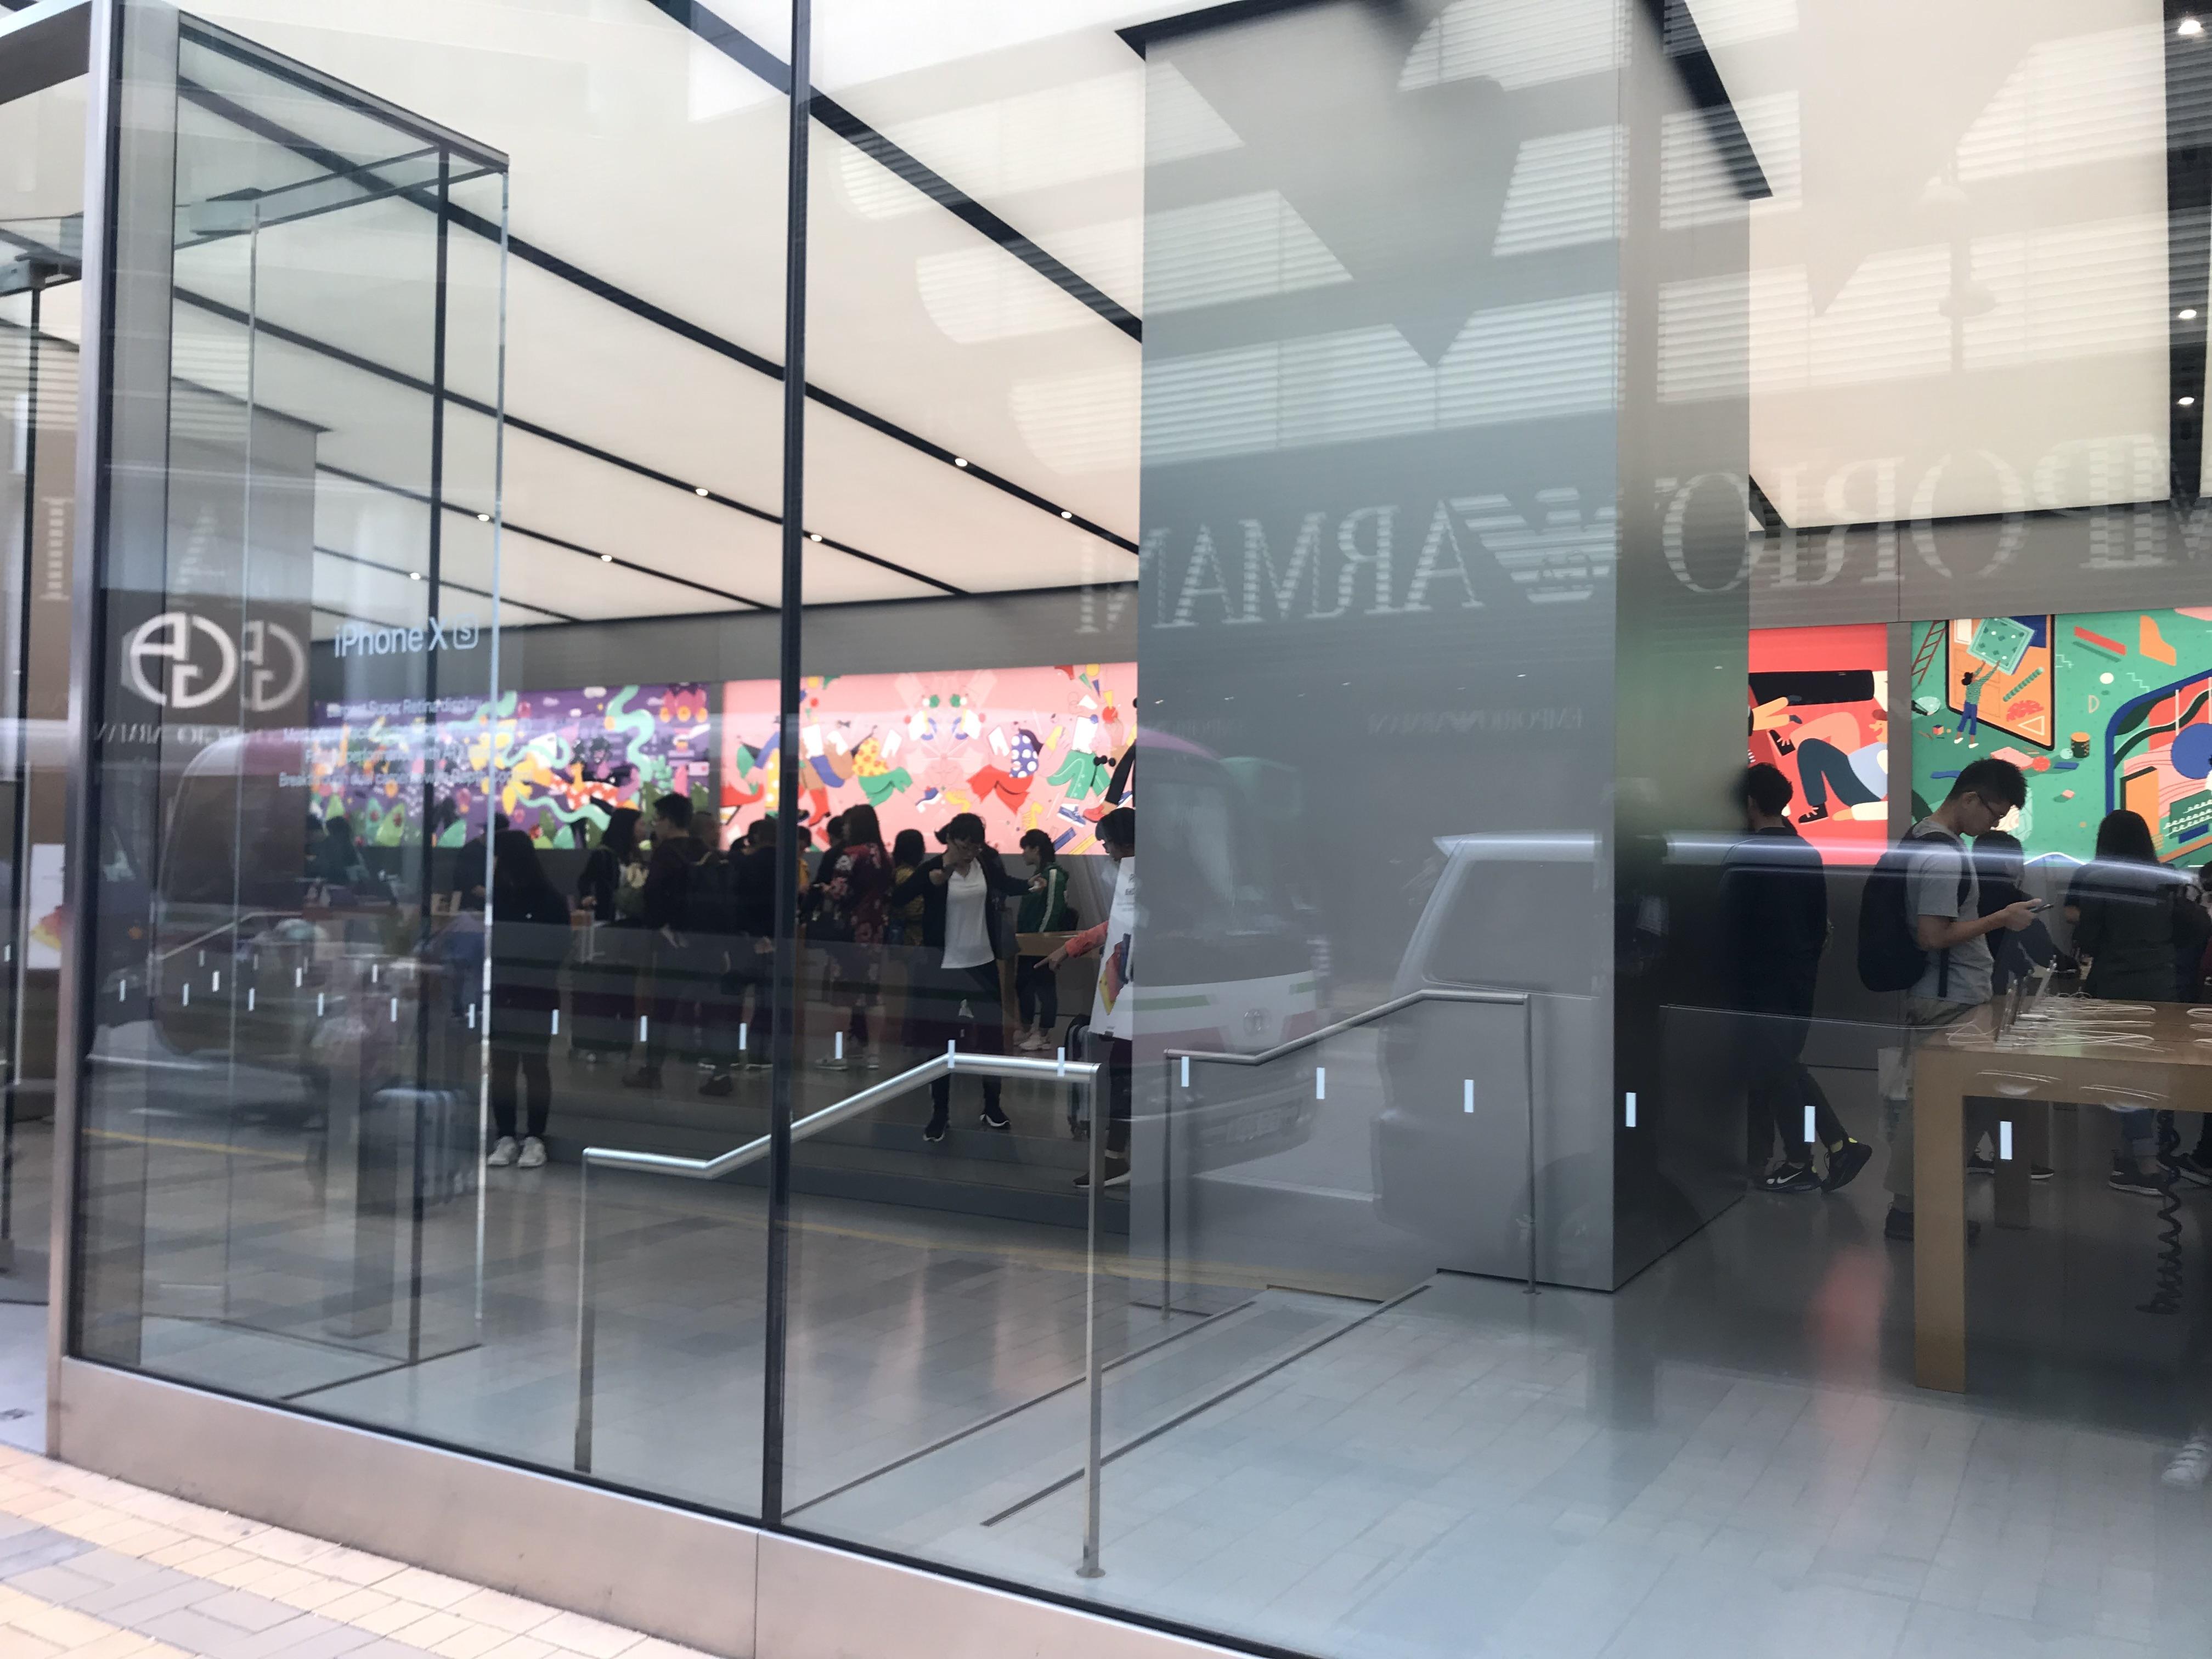 Apple(廣東道店)